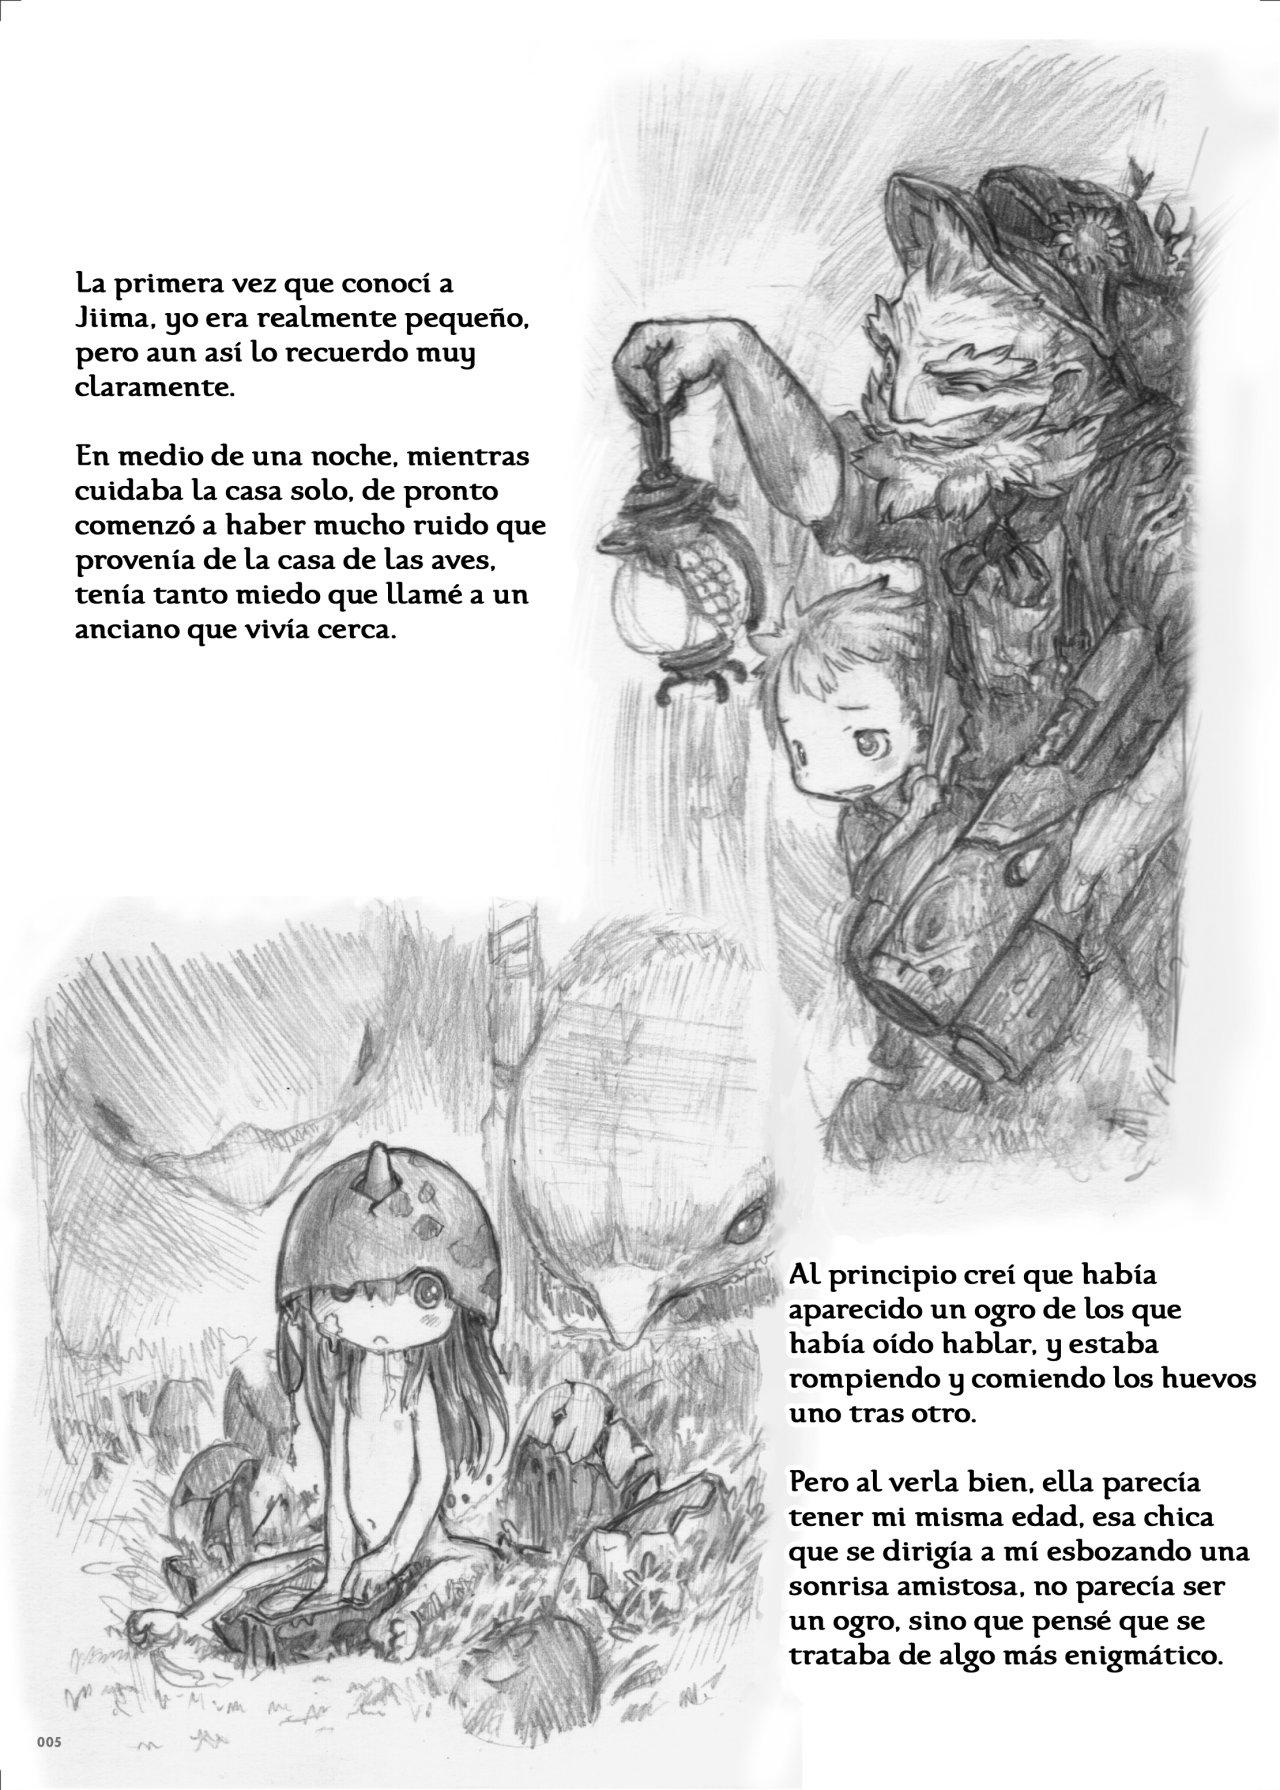 https://nine.mangadogs.com/es_manga/pic9/27/37723/972178/ef03f9befce99cb2f42f3569760b8e78.jpg Page 1